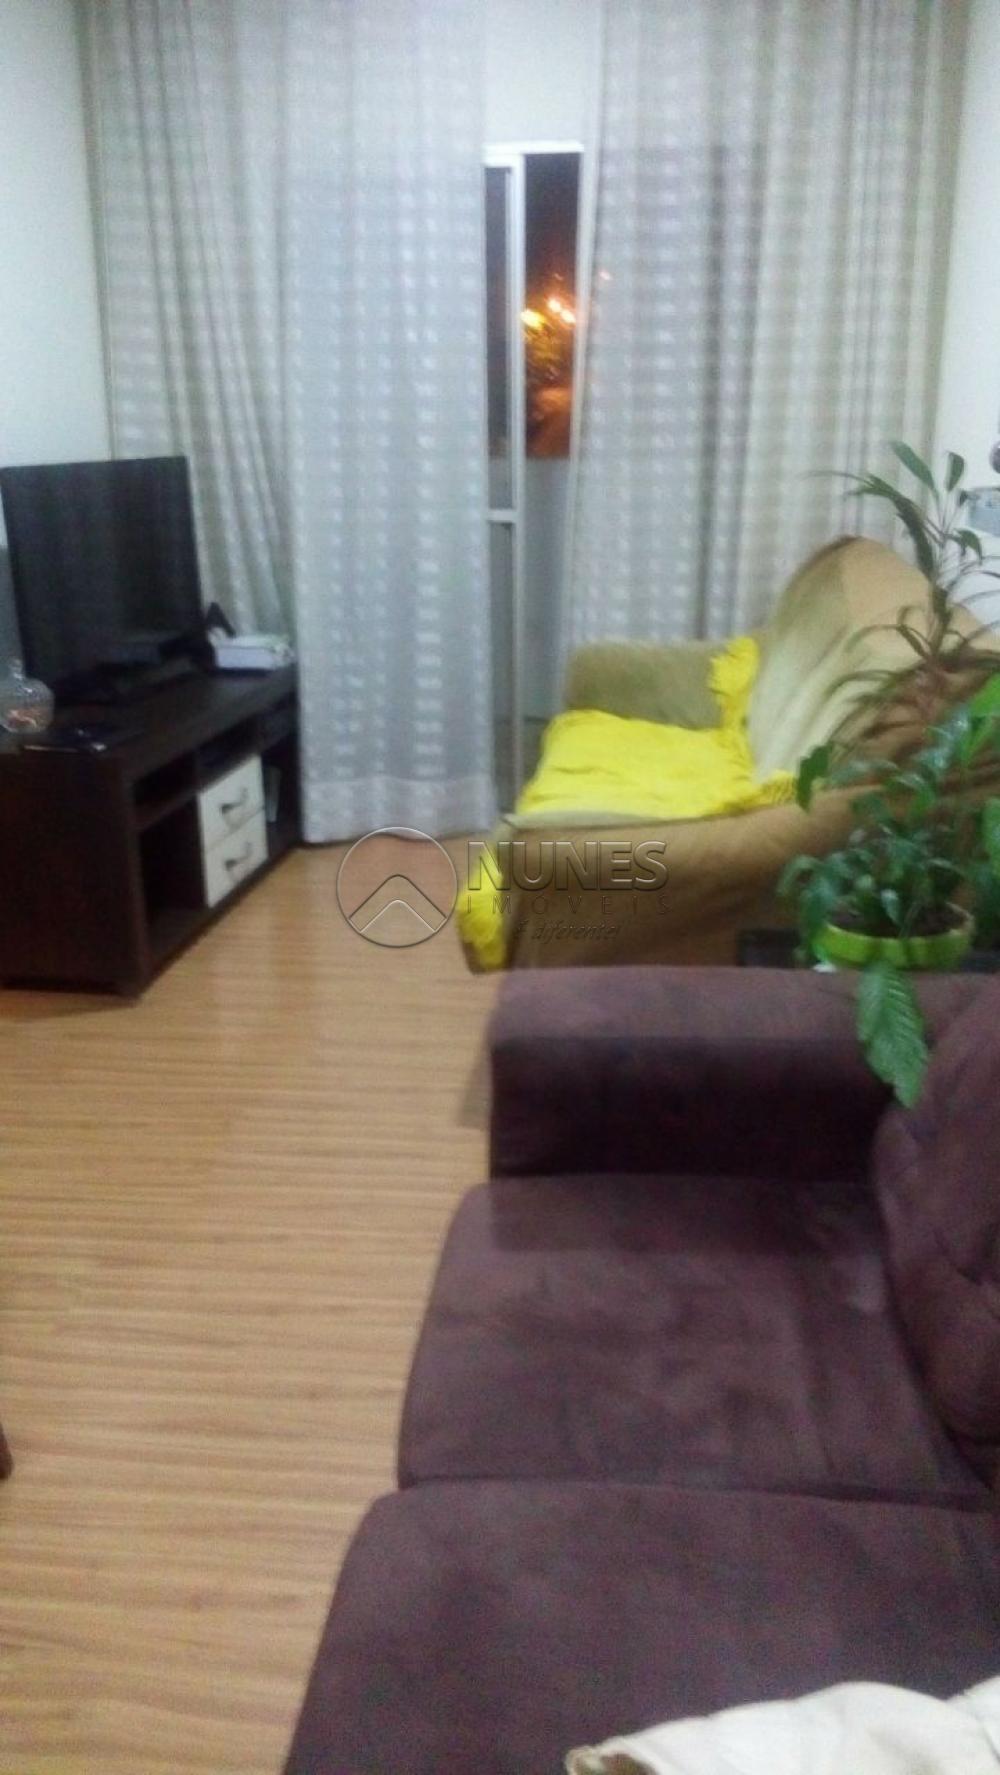 Comprar Apartamento / Padrão em Osasco apenas R$ 210.000,00 - Foto 3